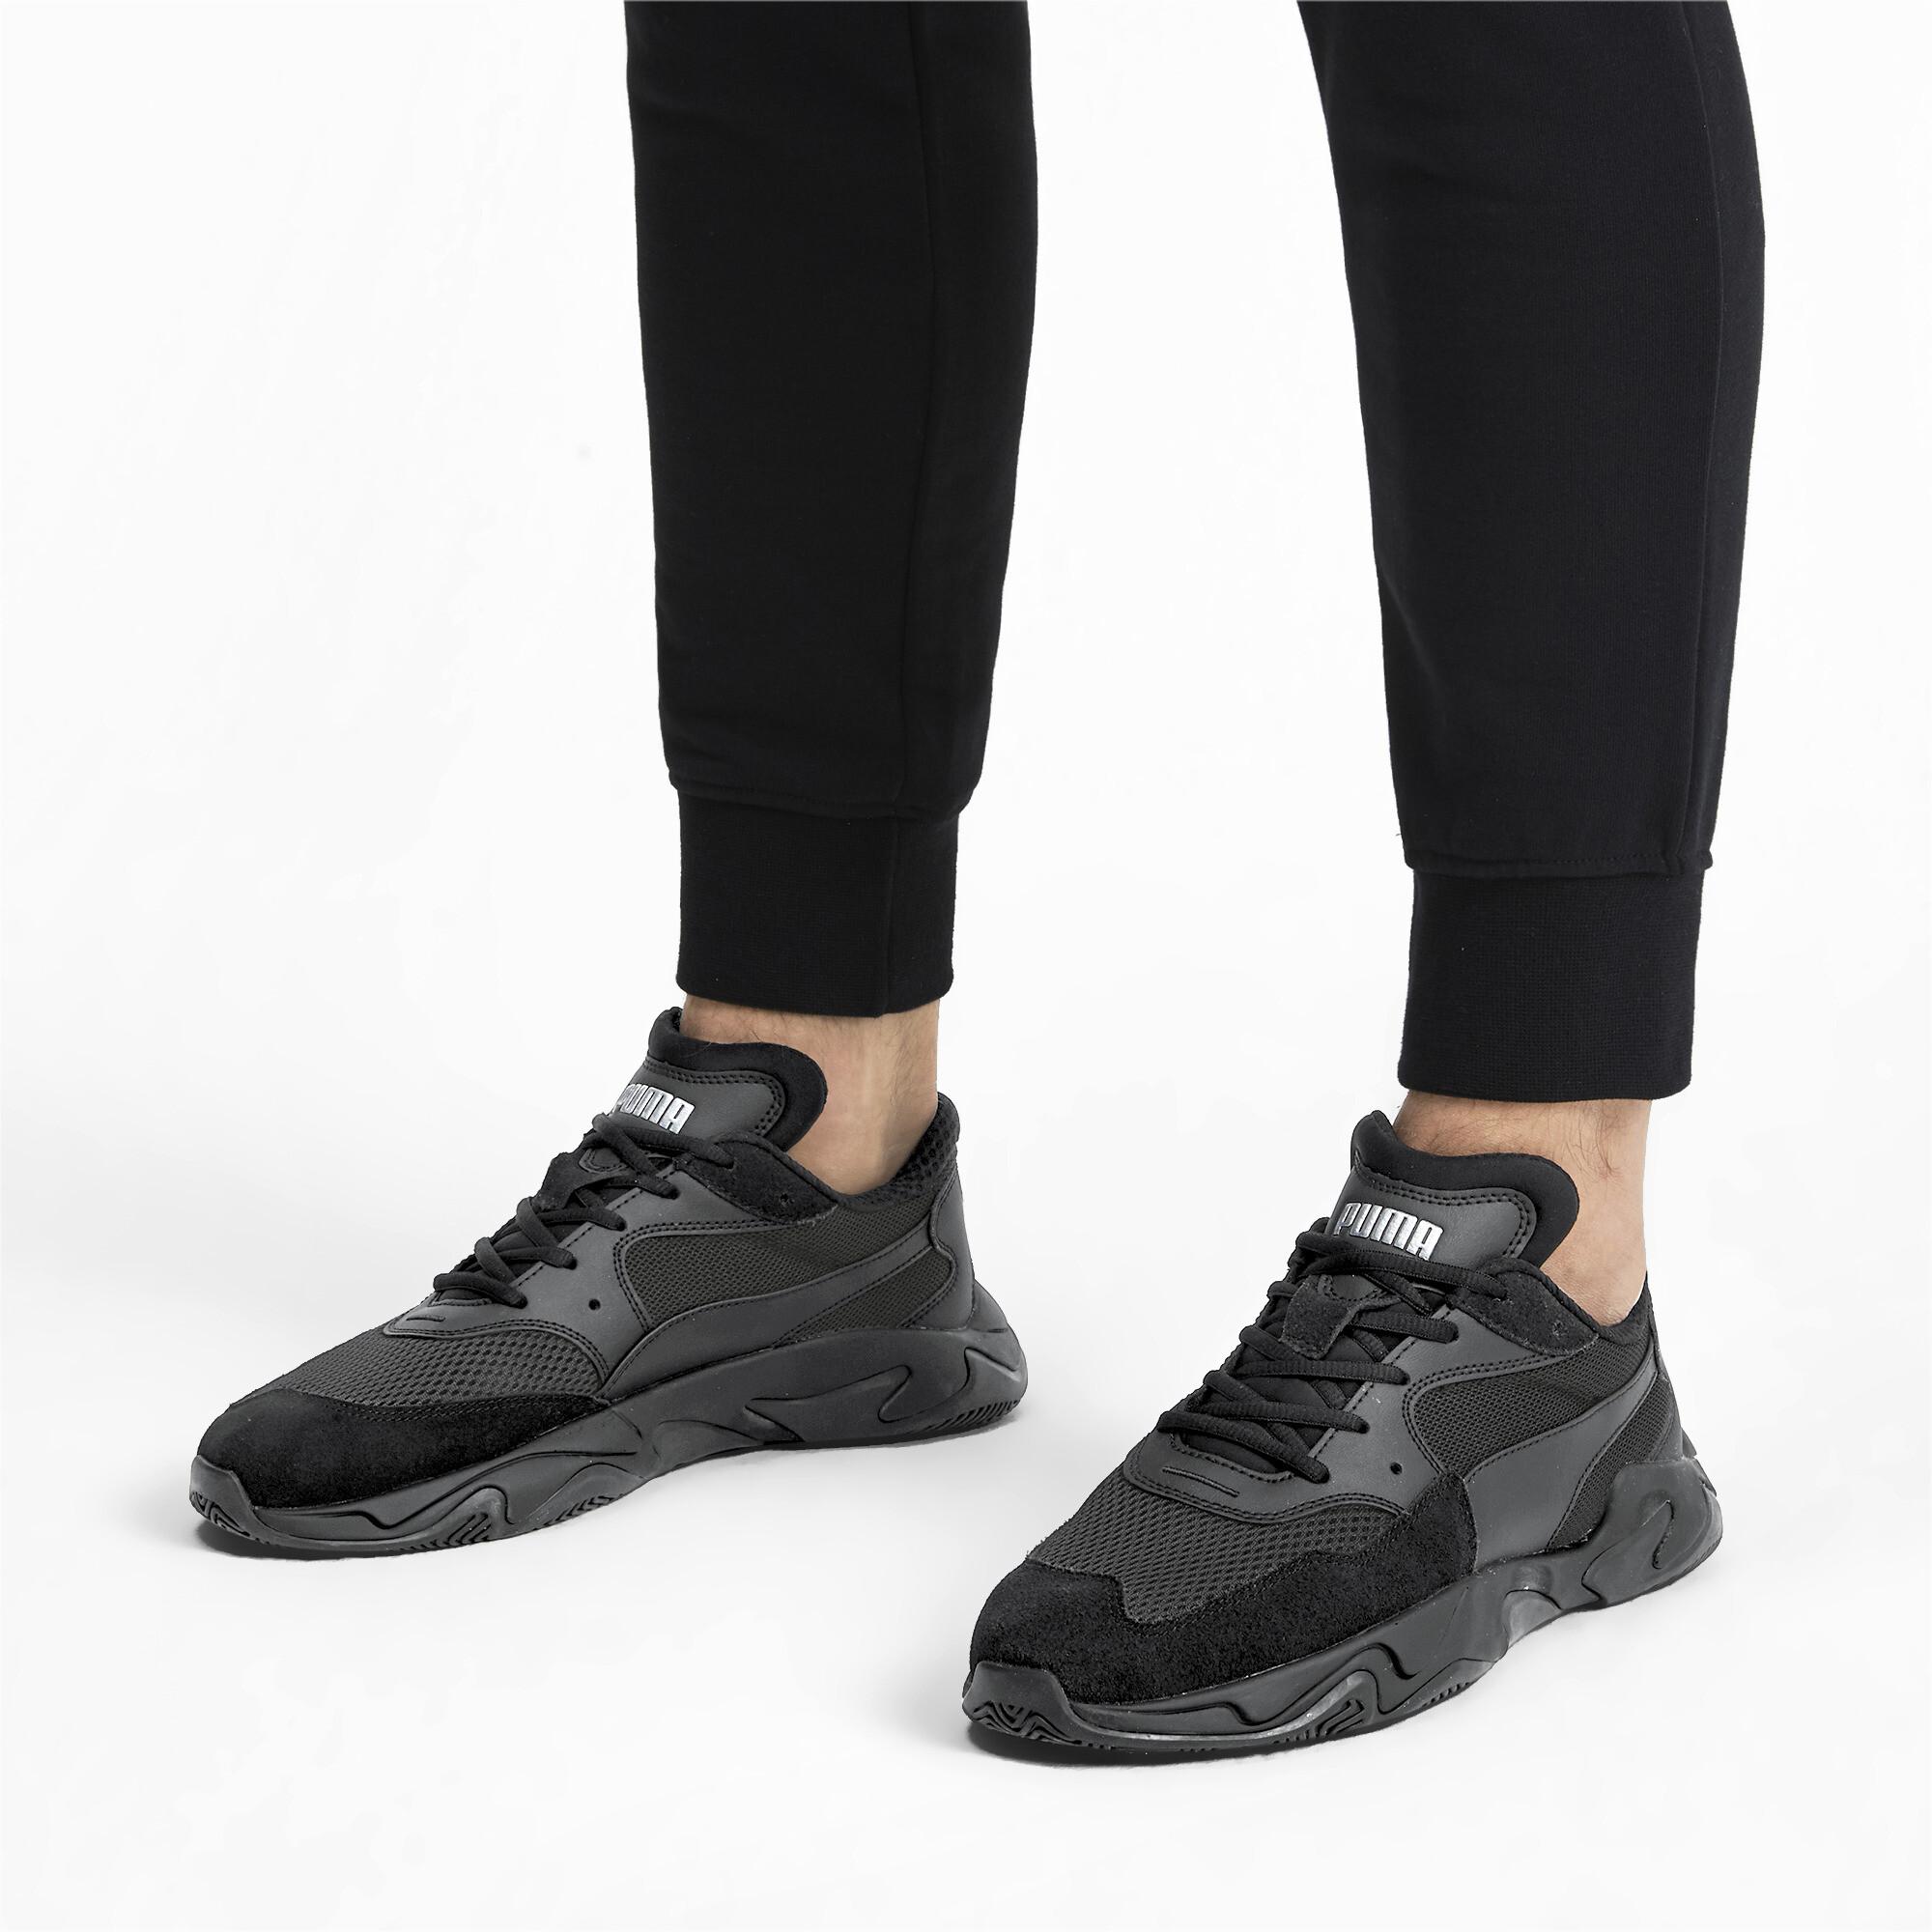 Details about PUMA Unisex Storm Origin Sneakers